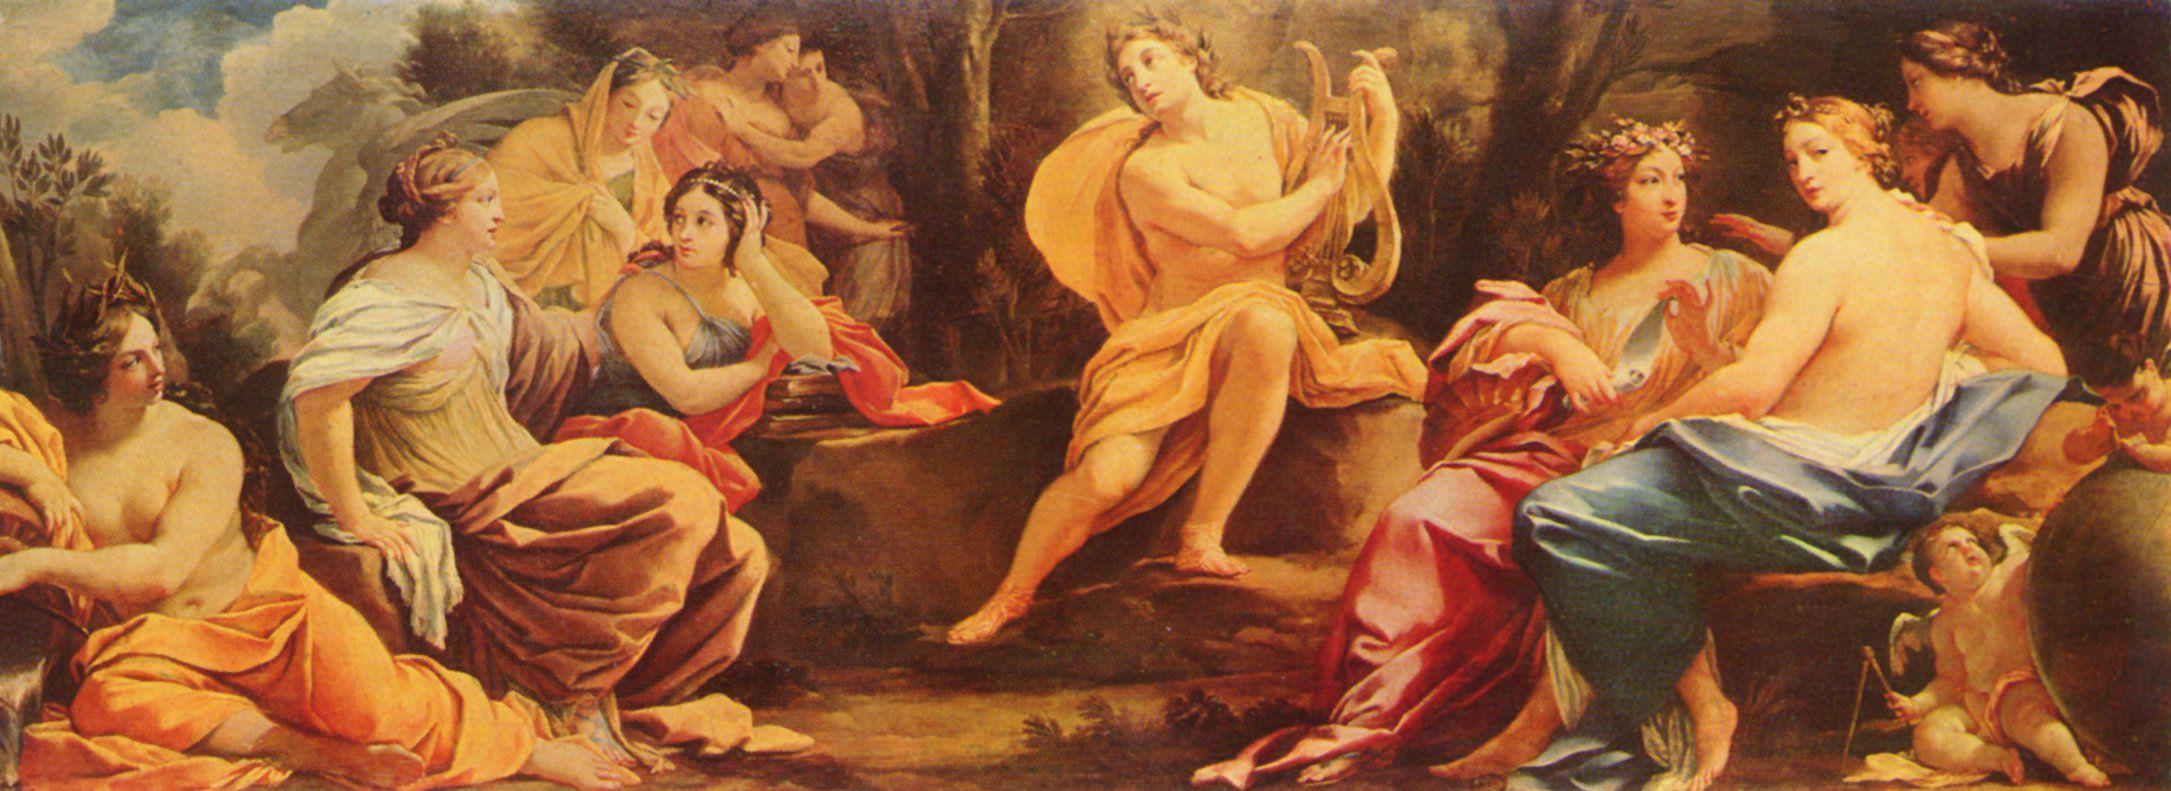 Simon Vouet (1590 - 1649) - Appollo und die Musen